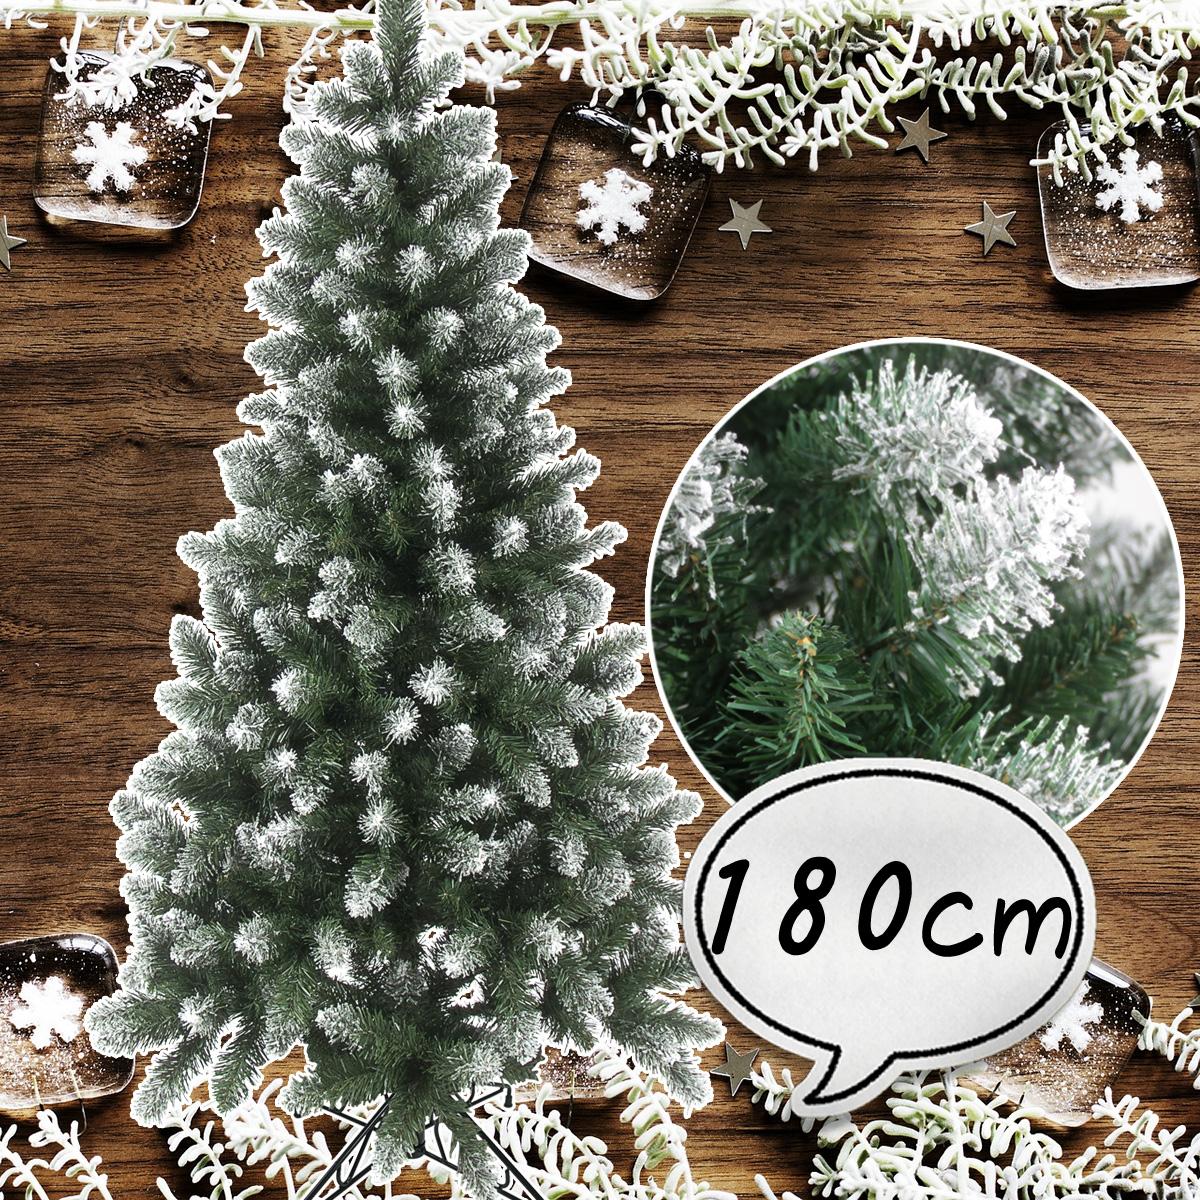 クリスマスツリー 180cm 雪付き ポイントスノーツリー グリーン ツリーの木 [ ヌードツリー ] 北欧 おしゃれ